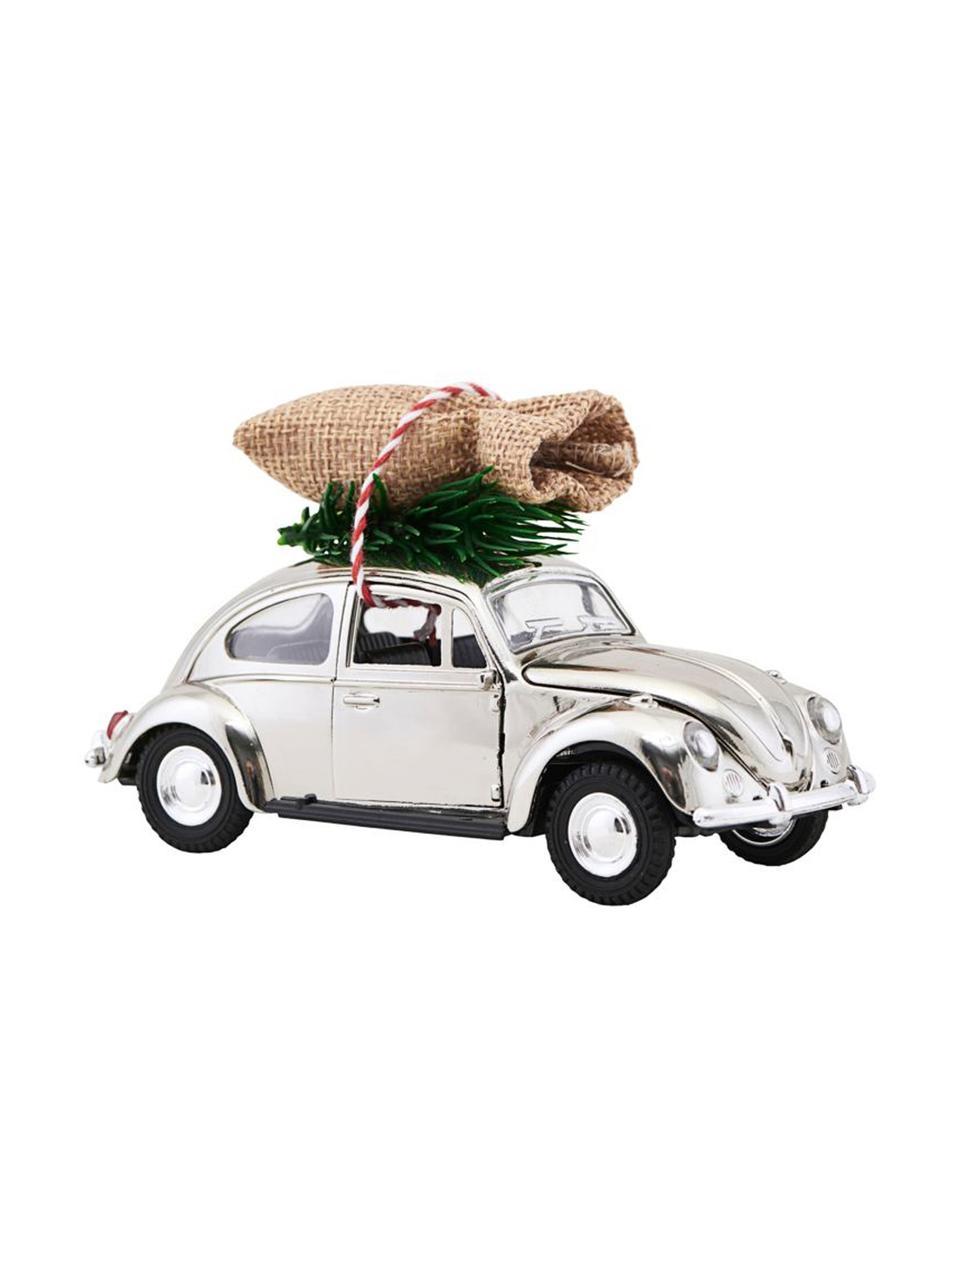 Deko-Auto XMAS Delivery, Zink, Plastik, Chrom, Grün, Beige, 5 x 7 cm